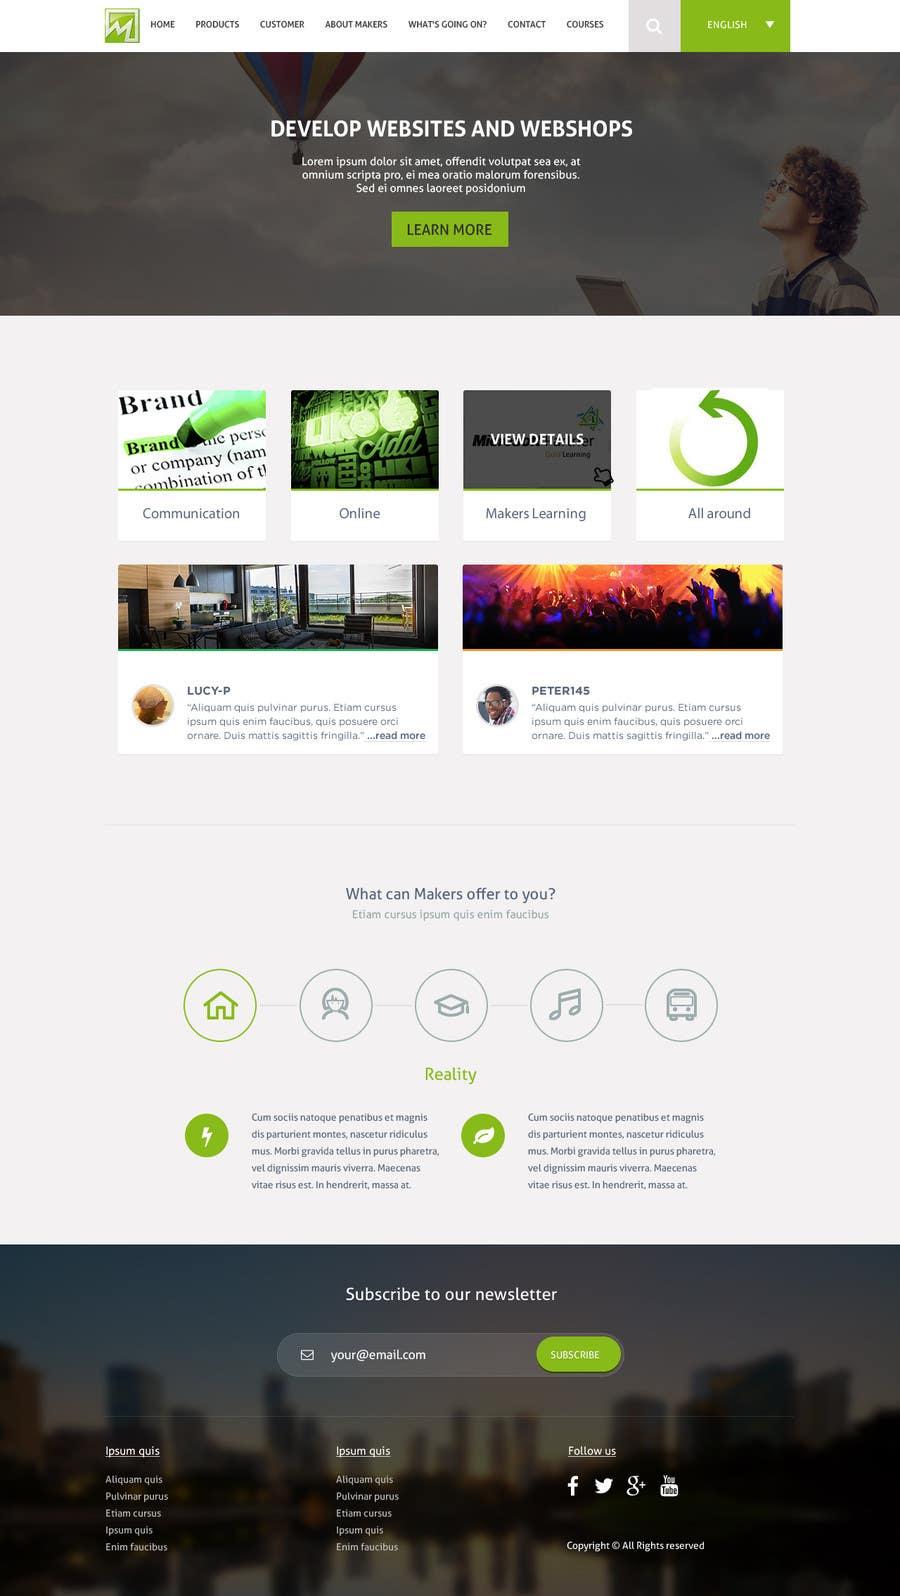 Konkurrenceindlæg #                                        16                                      for                                         Design a Website Mockup for http://makers.dk